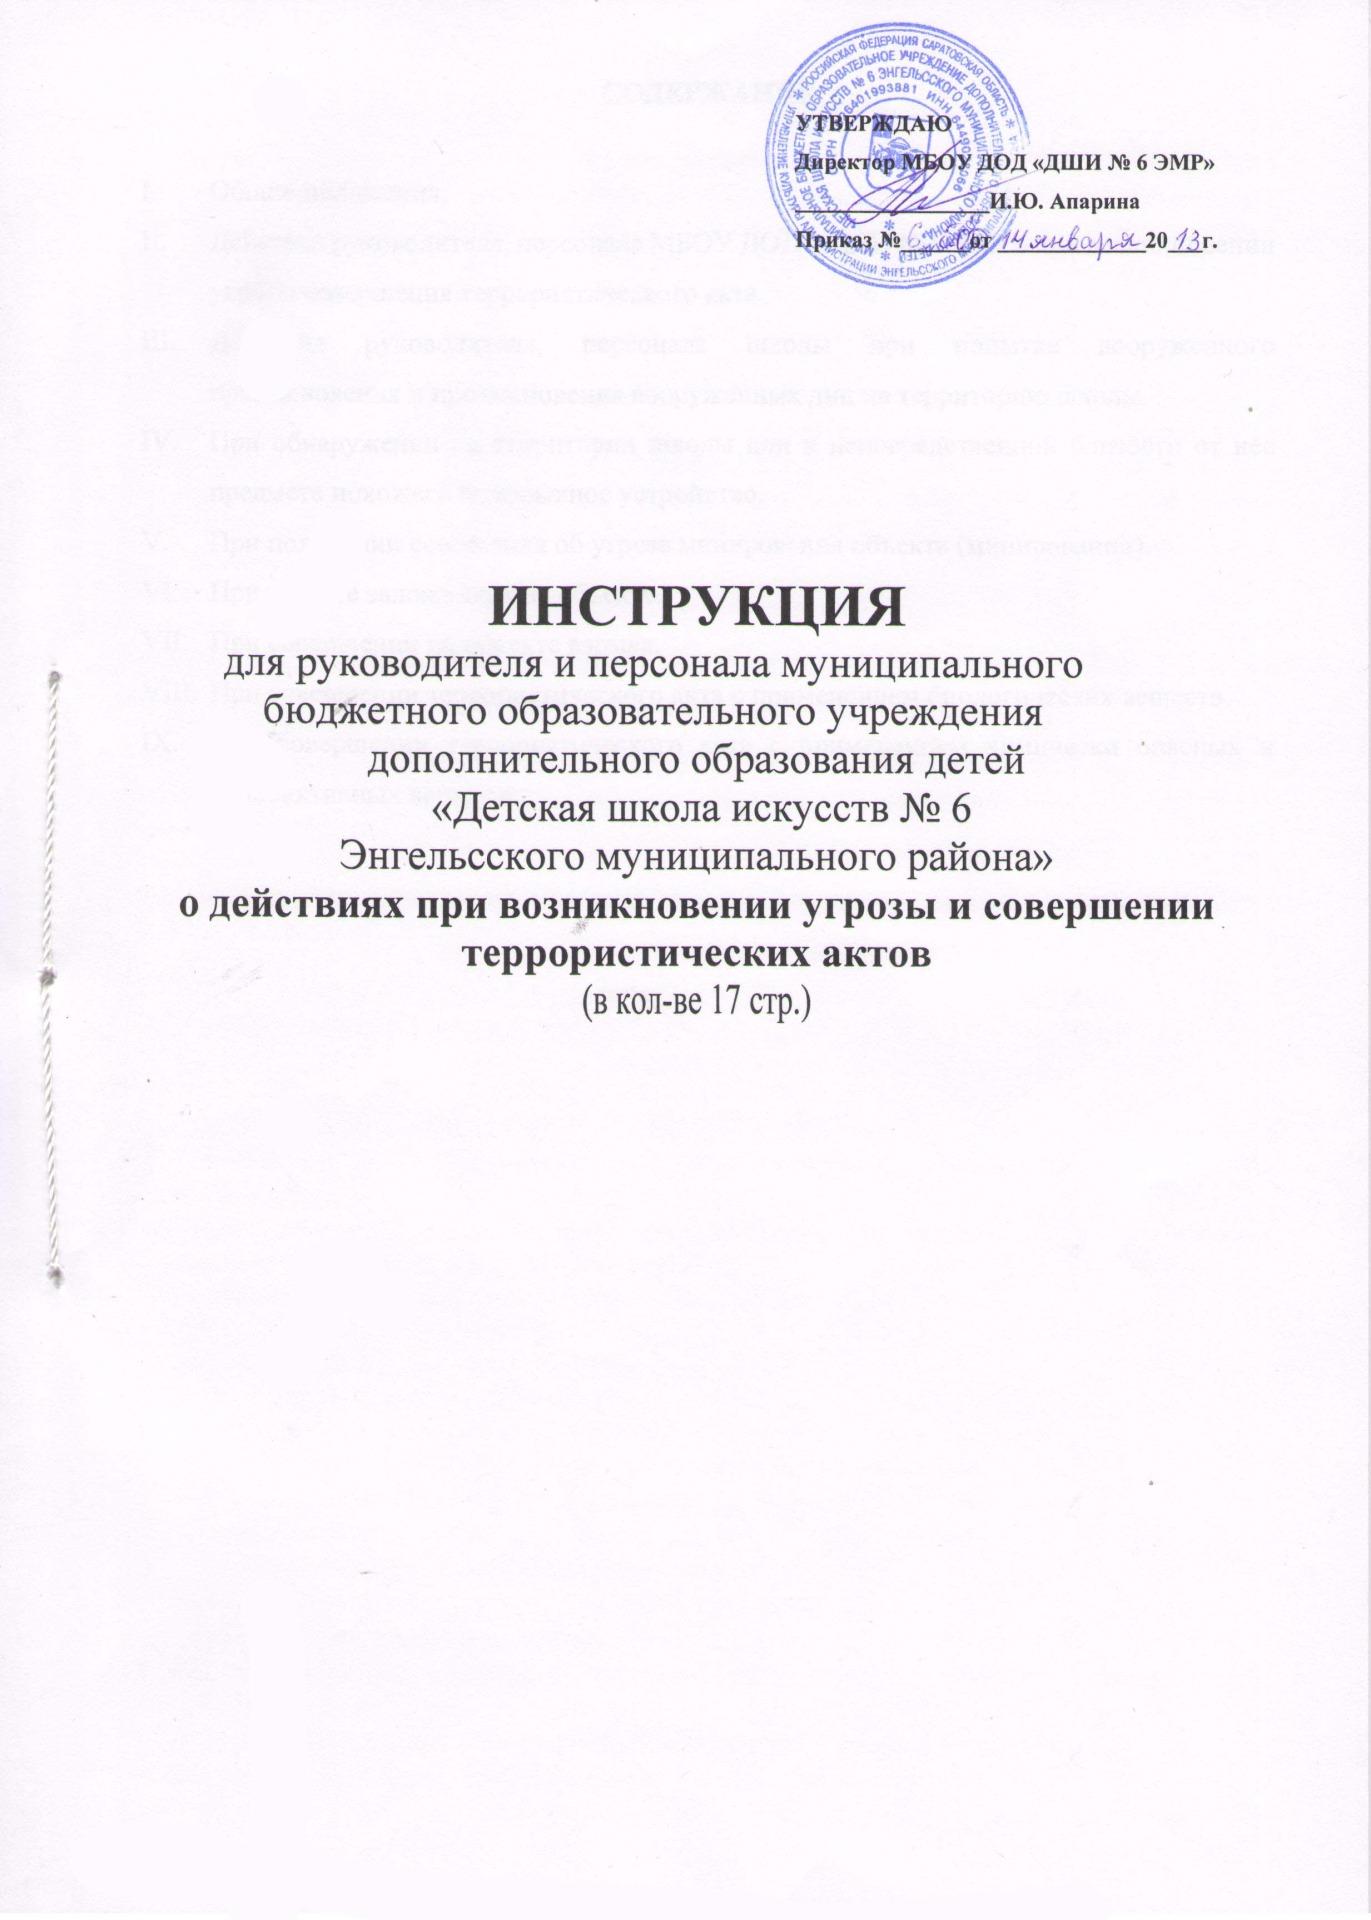 Инструкция о действиях службы охраны ликвидации последствий террористических актов